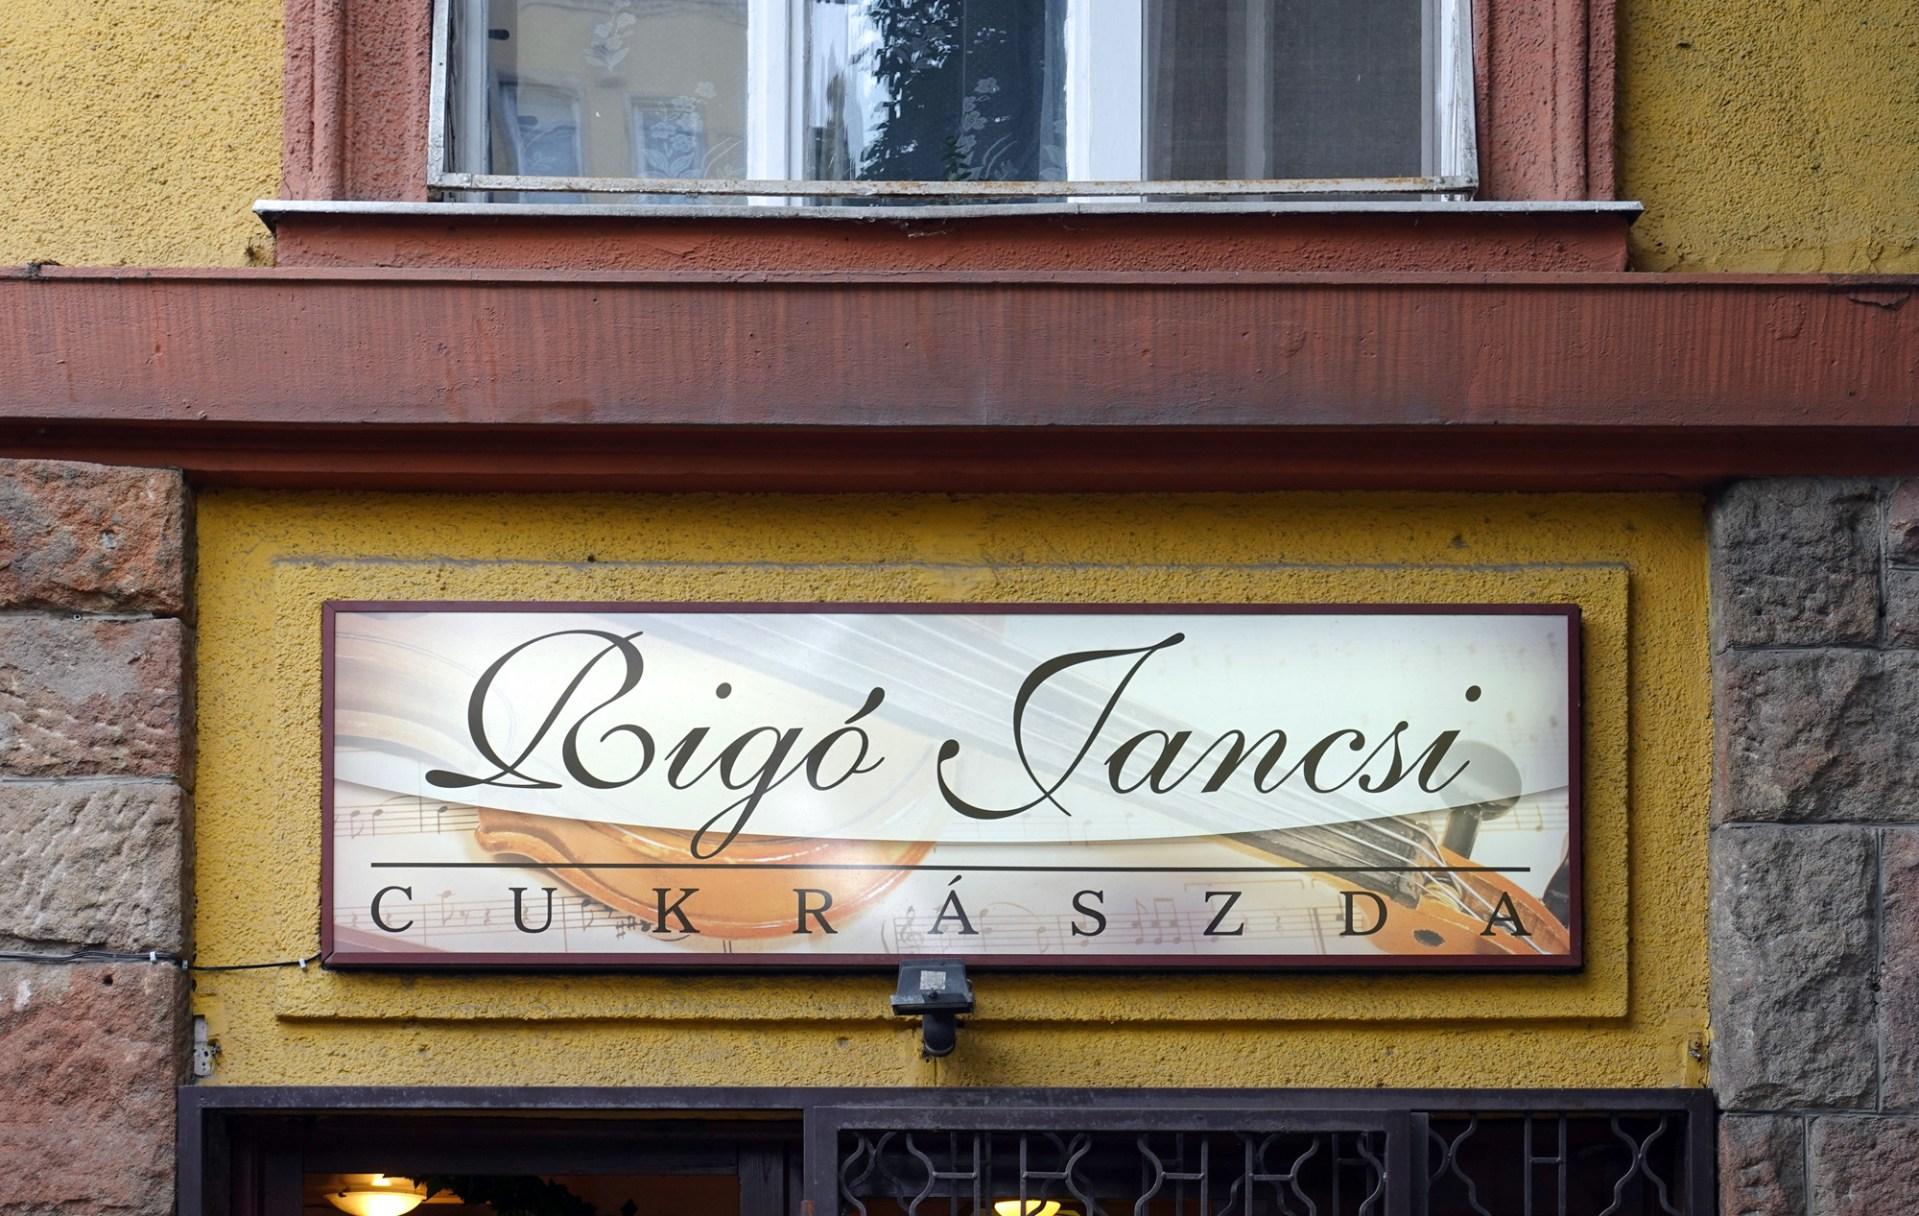 Rigó Jancsi Pastry Shop